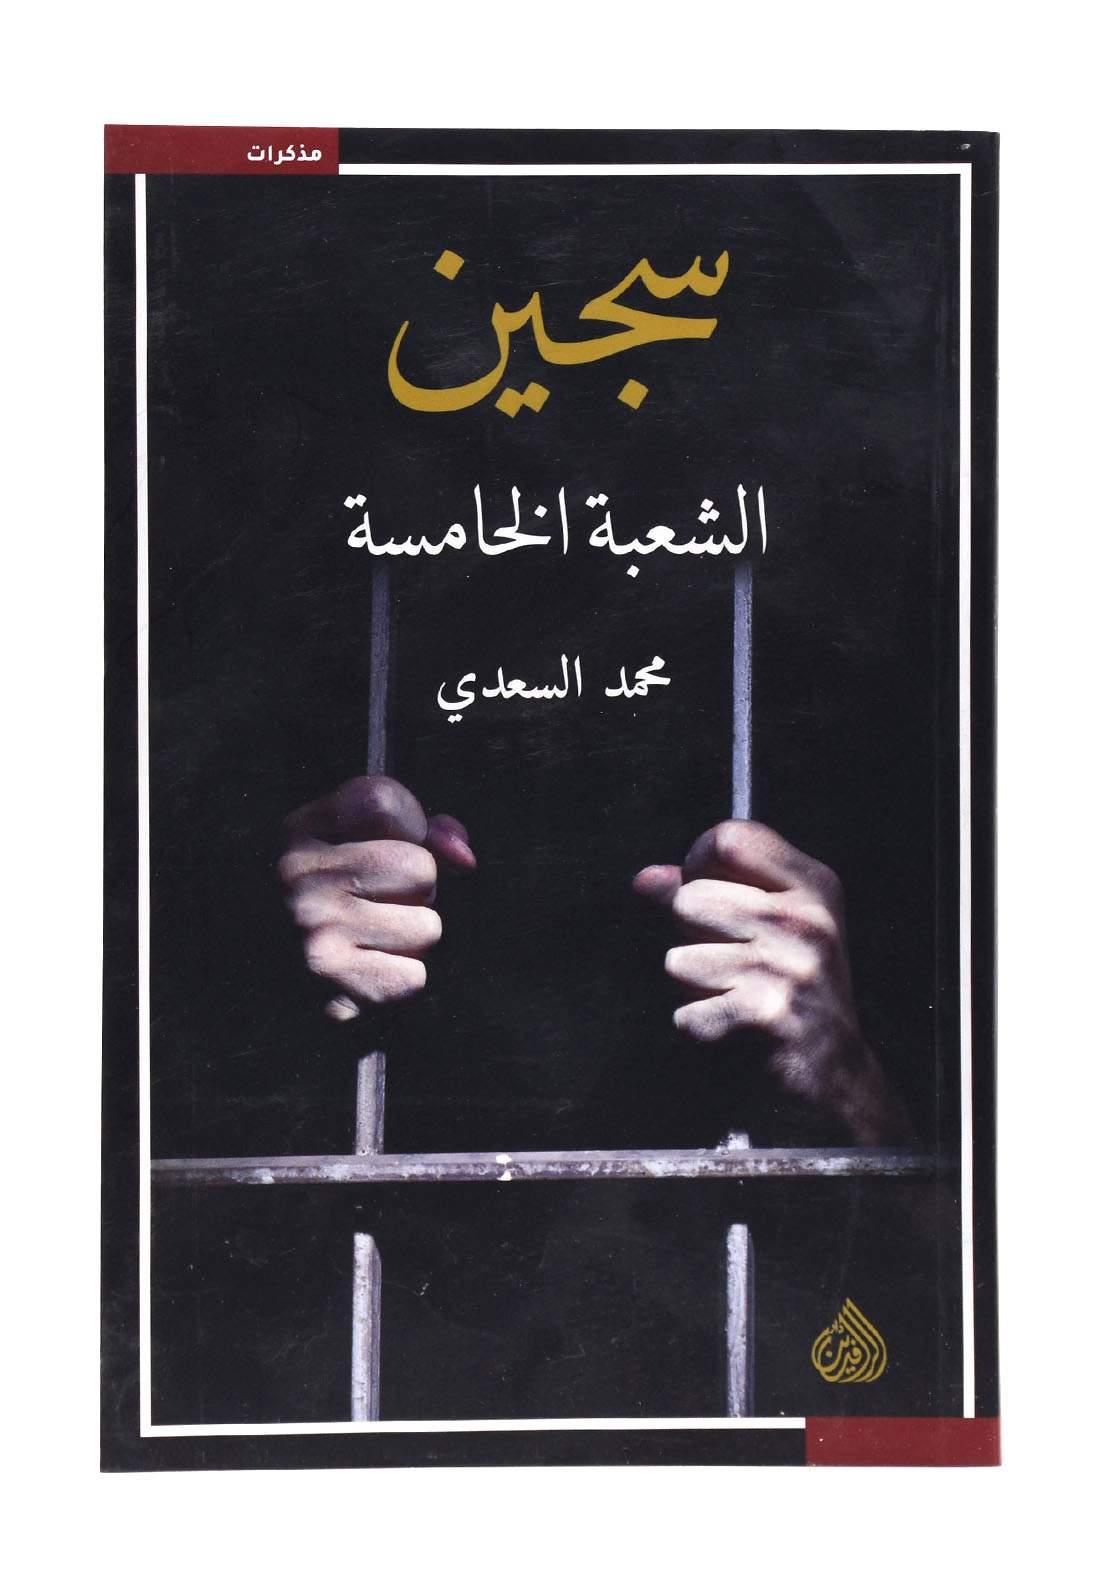 سجين الشعبة الخامسة